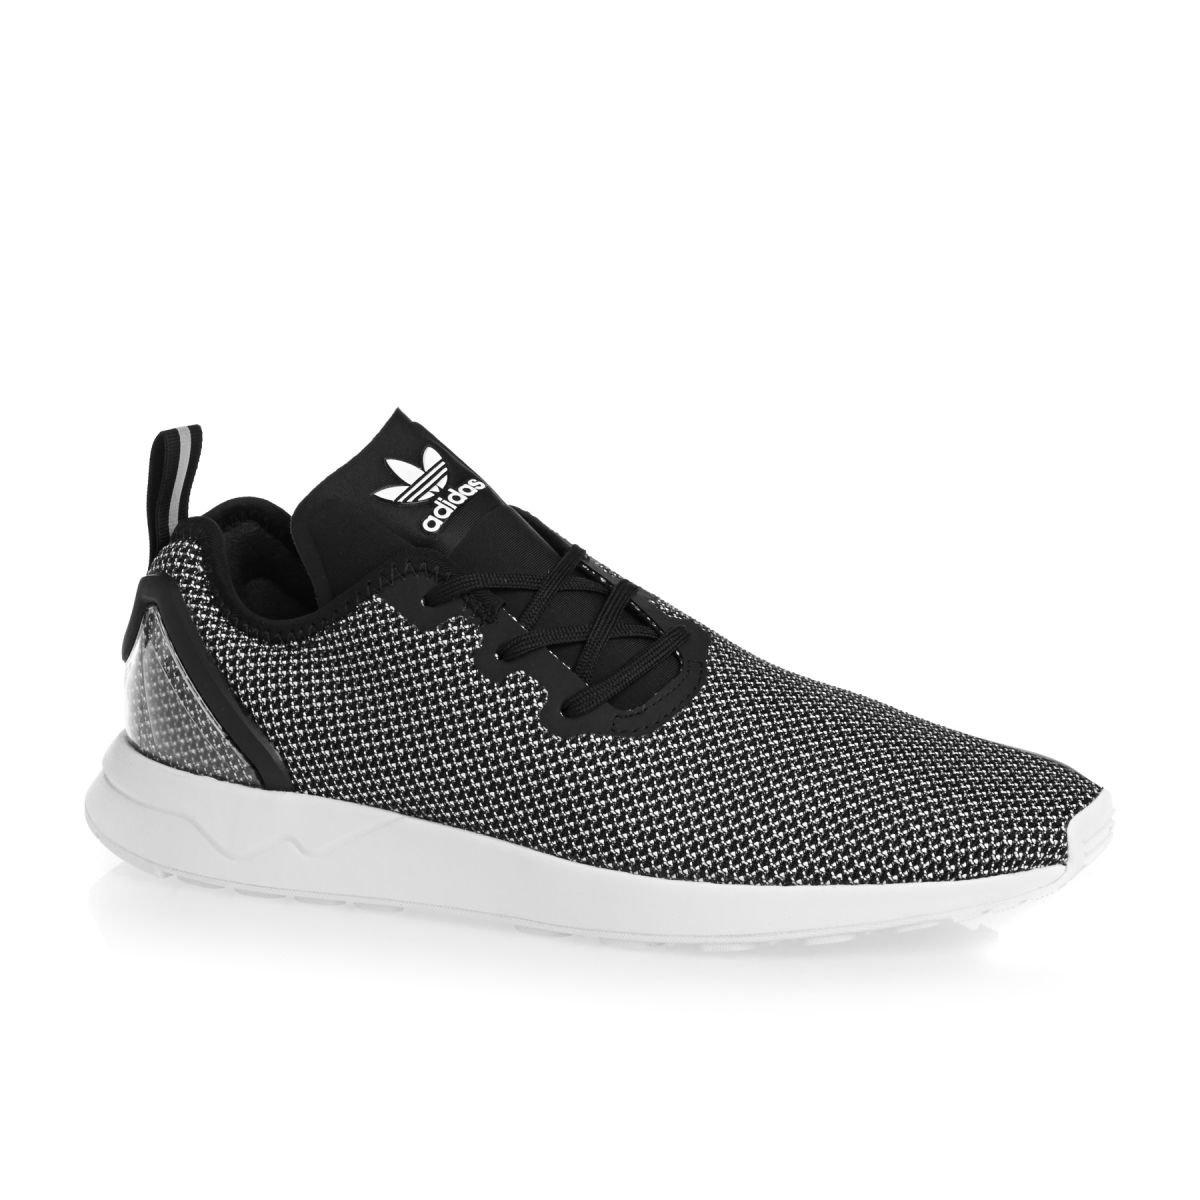 adidas ZX Flux S79054, Turnschuhe  45 1/3 EU Noir